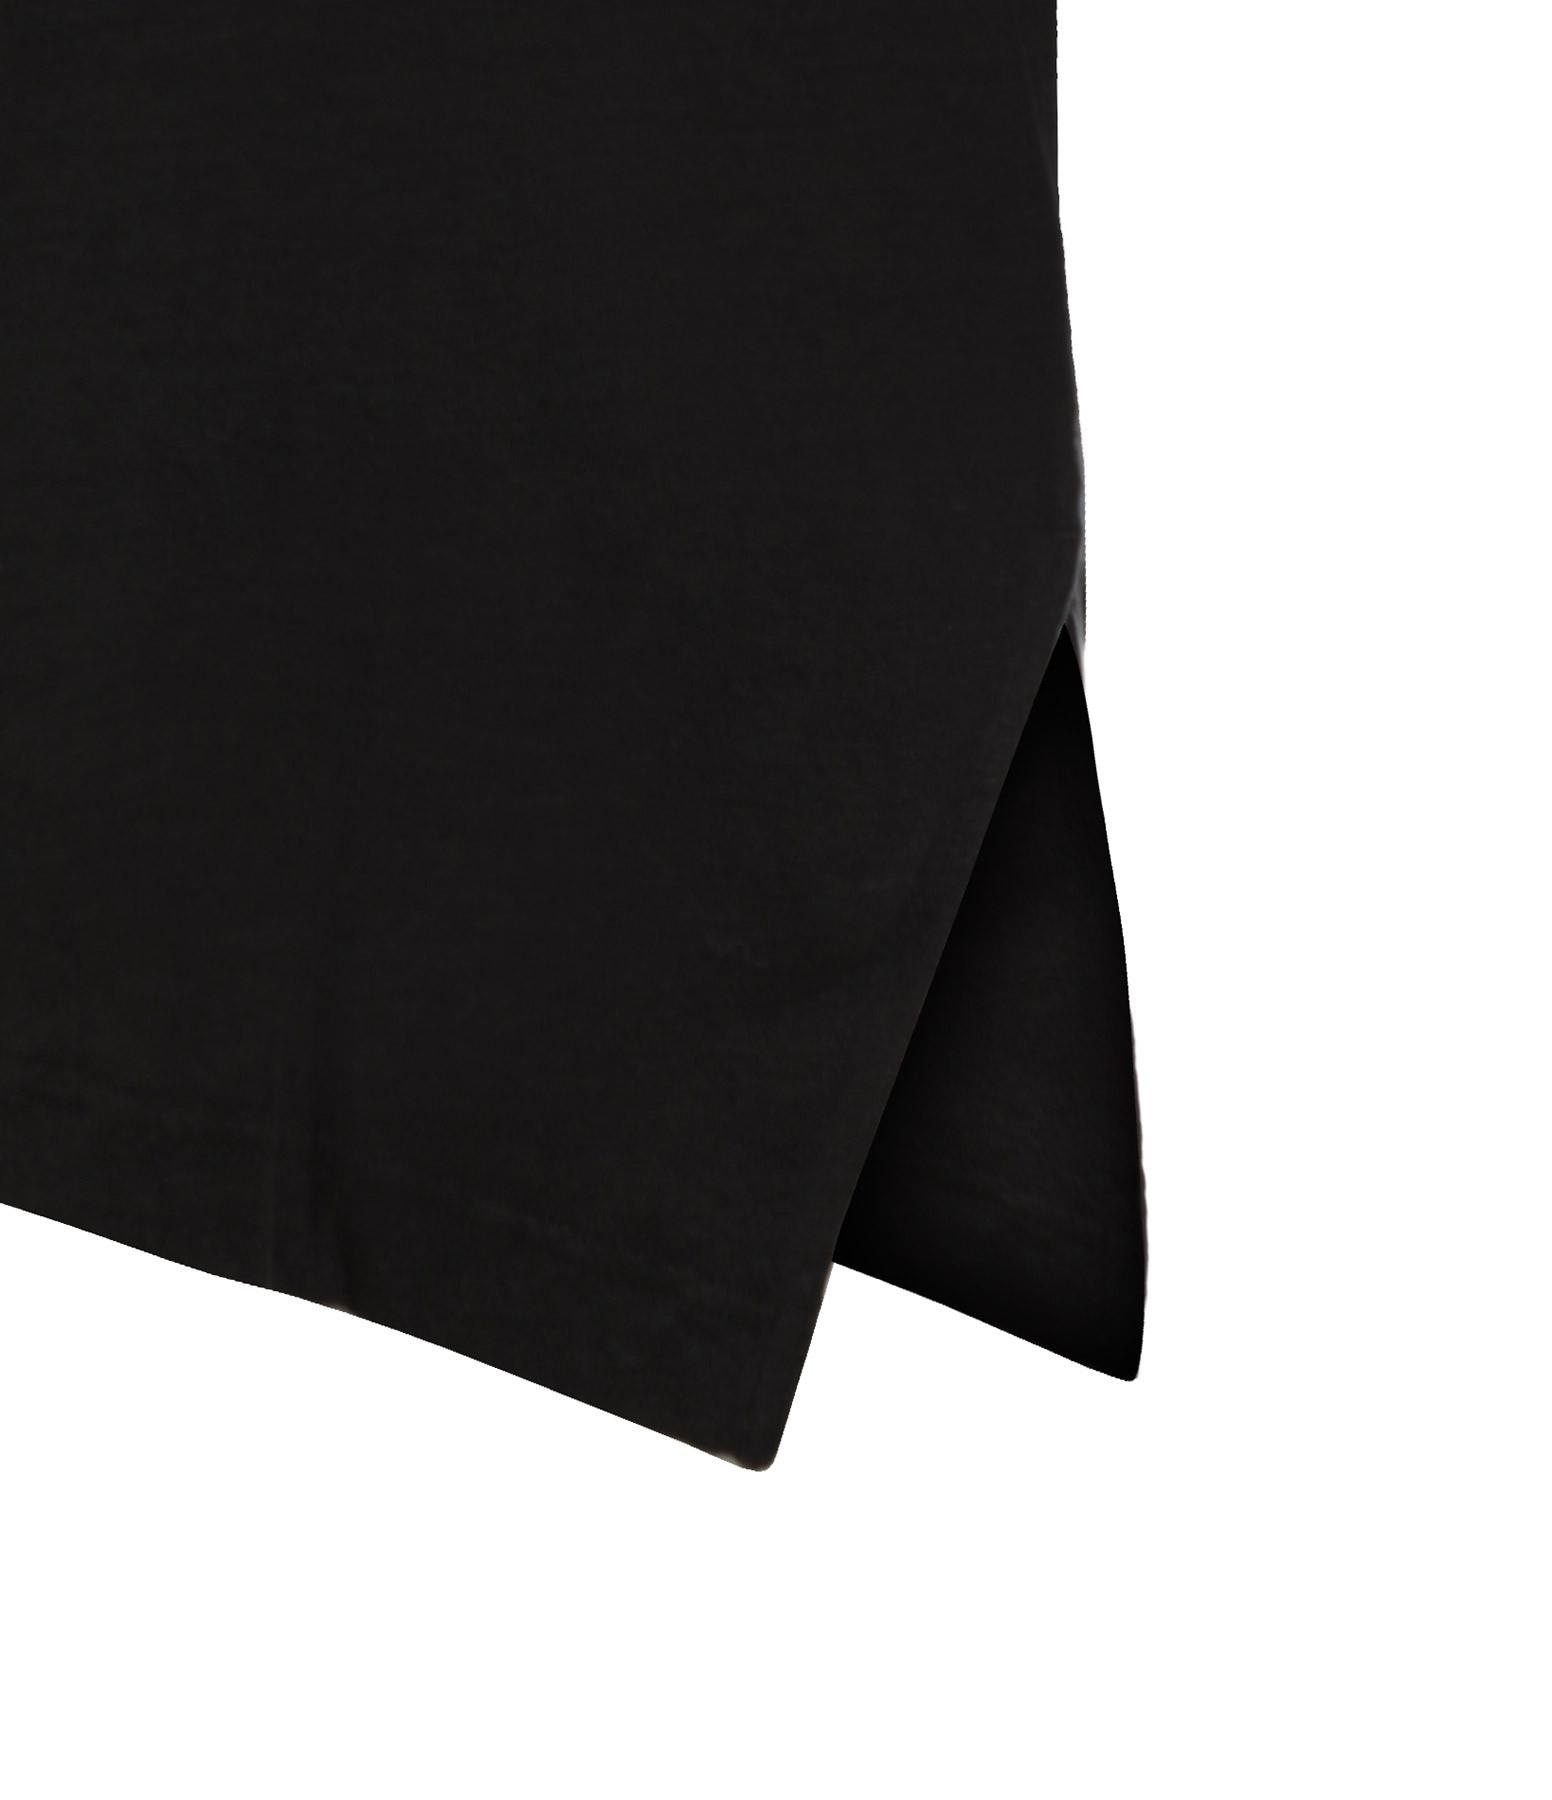 ISABEL MARANT ÉTOILE - Tee-shirt Kella Lin Noir